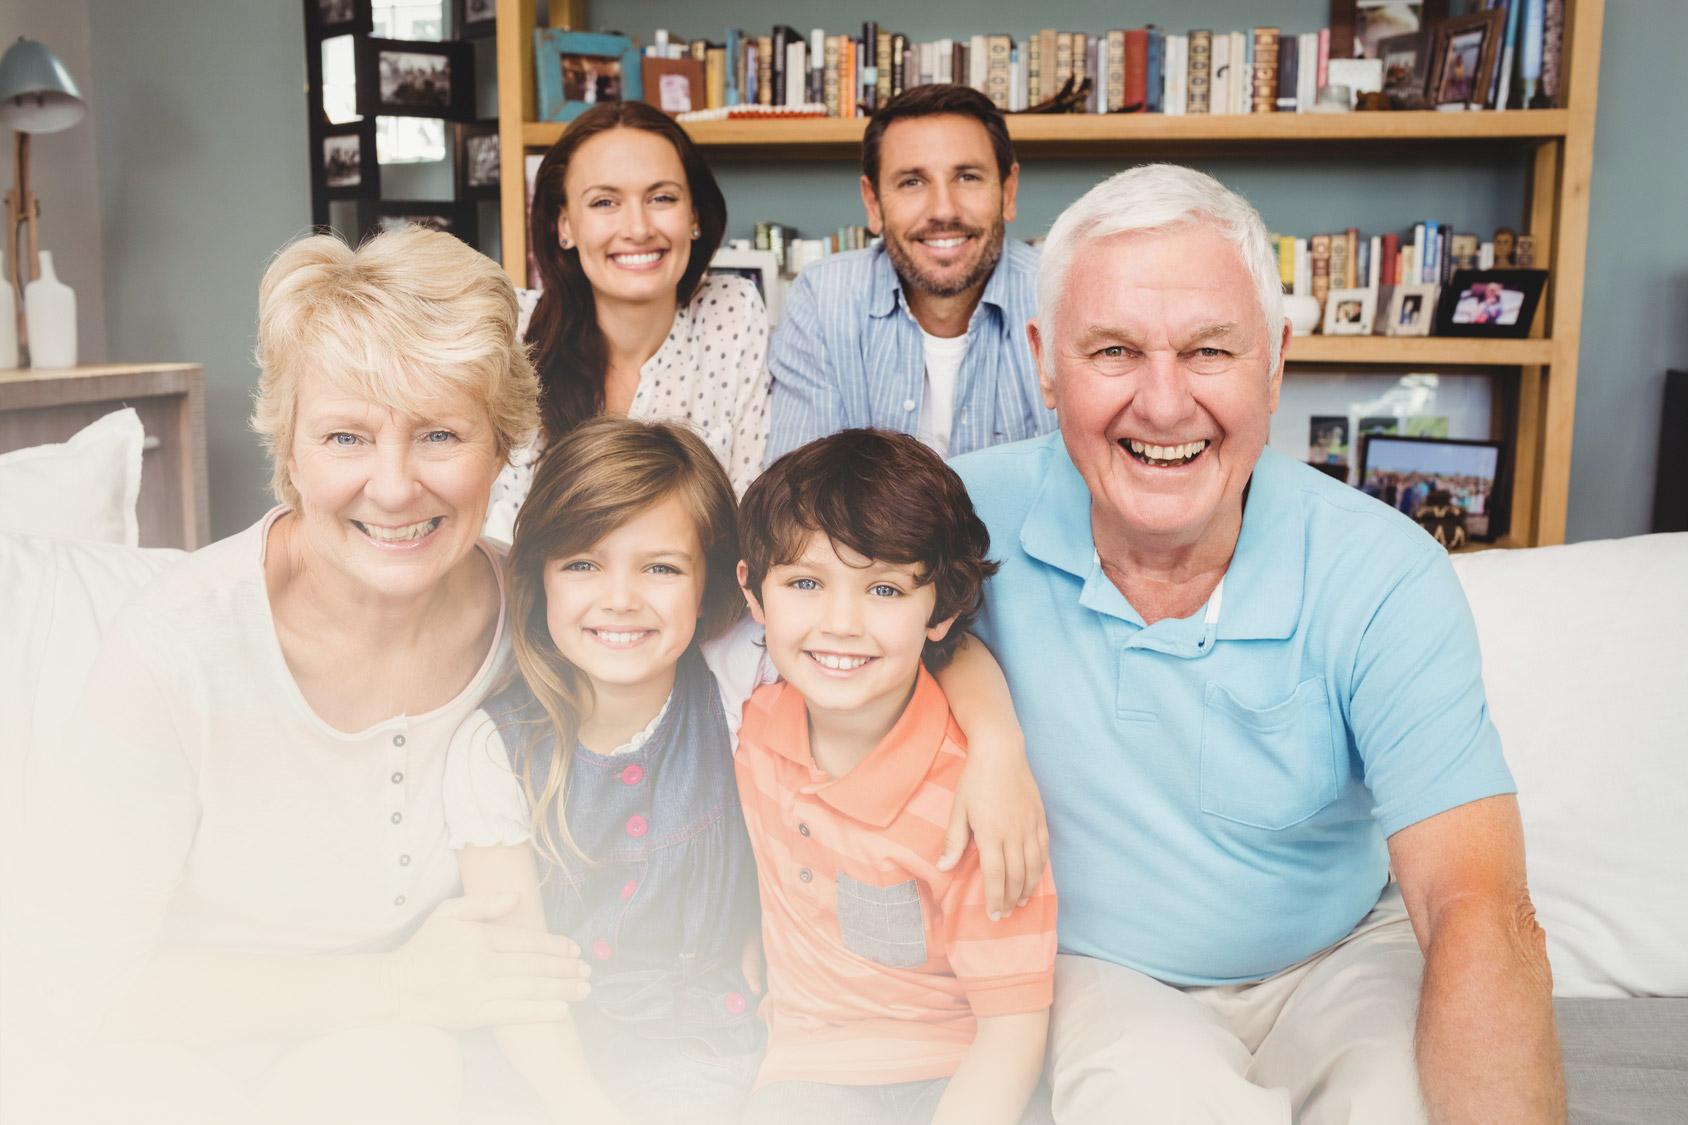 Toute la famille peut arborer un jolie sourire - Dentistes Marucci & Combes